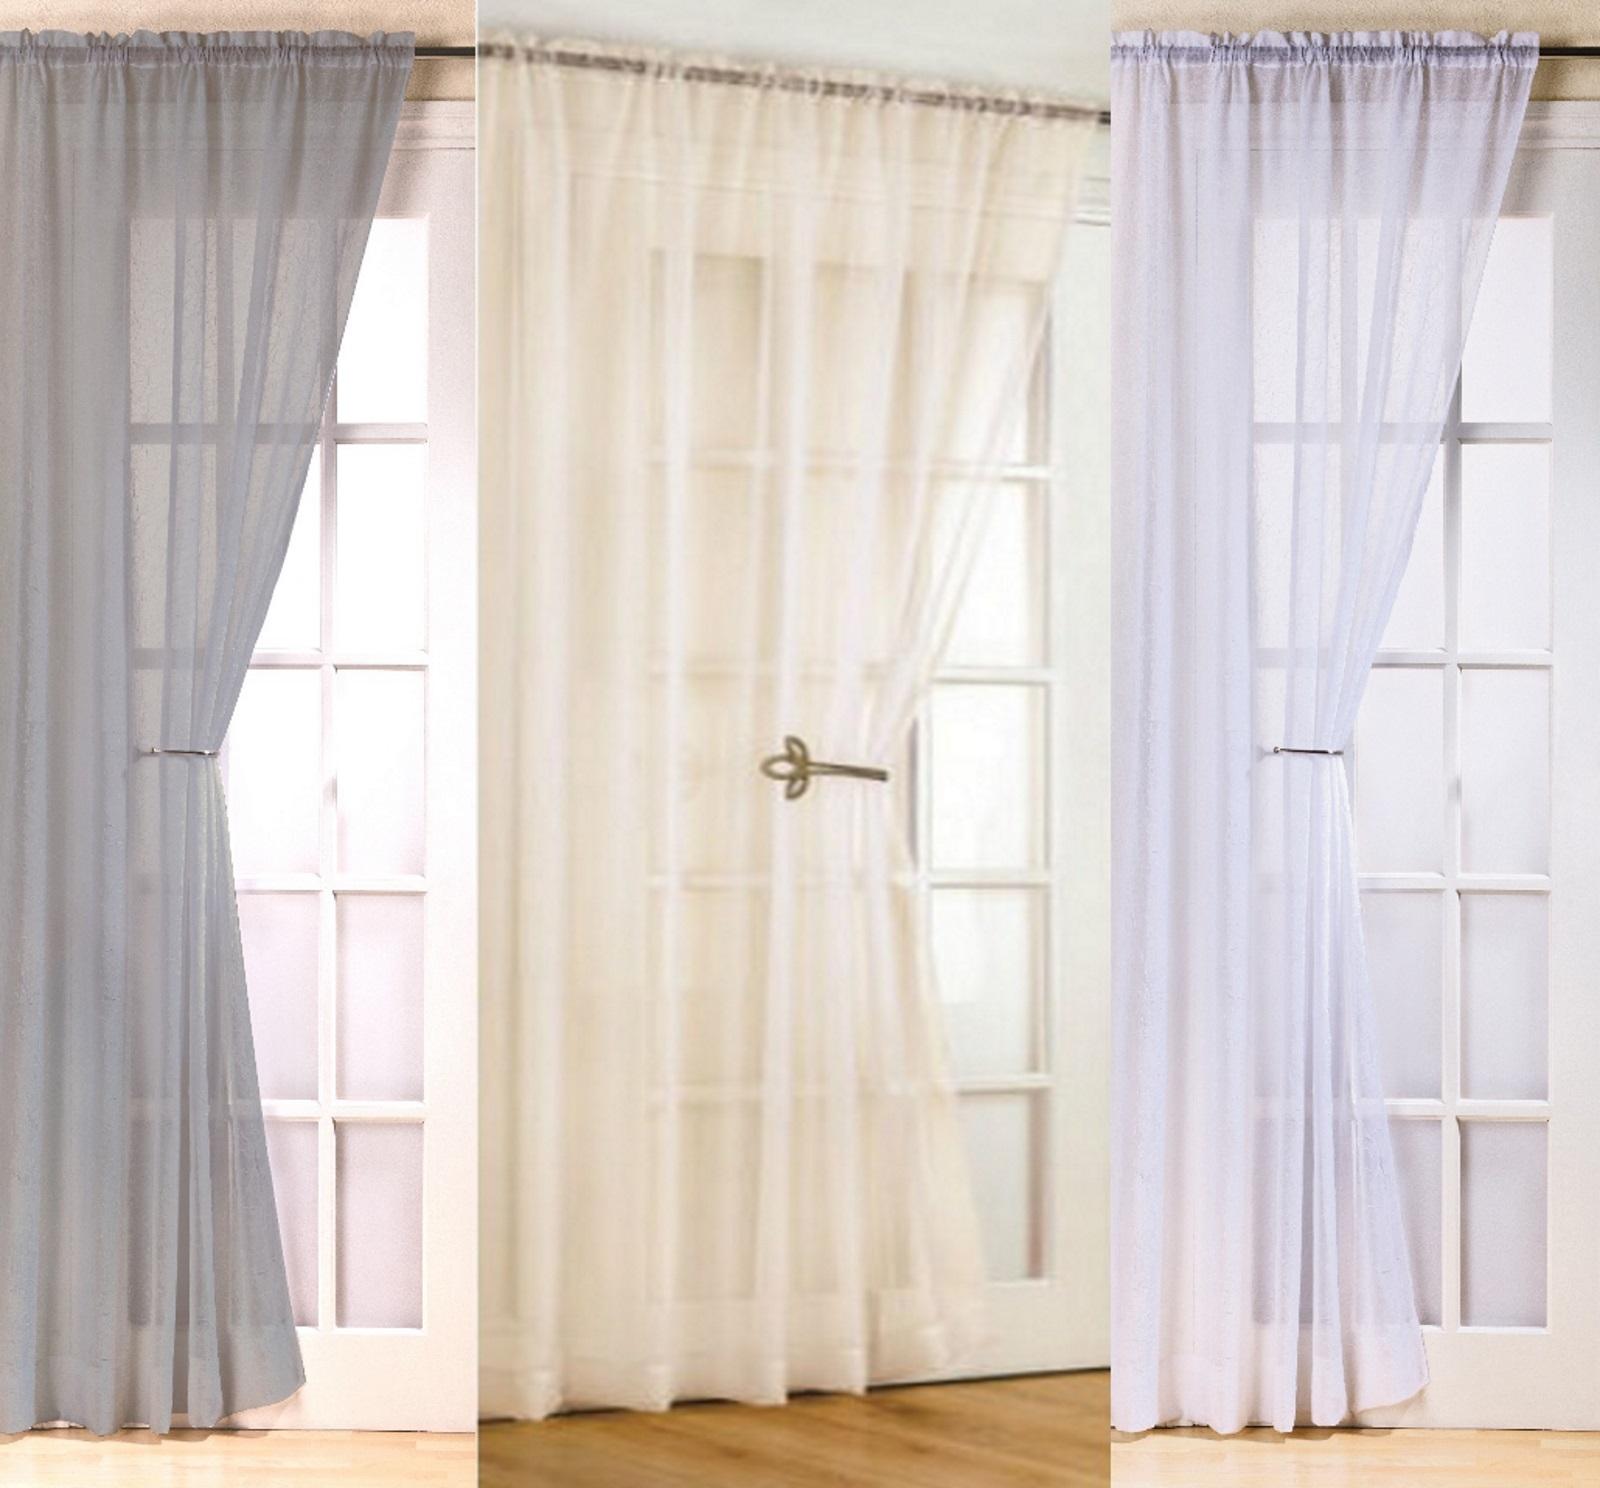 Luxury fiji voile curtain blind door panel 48 54 72 90 for 18 inch panel door